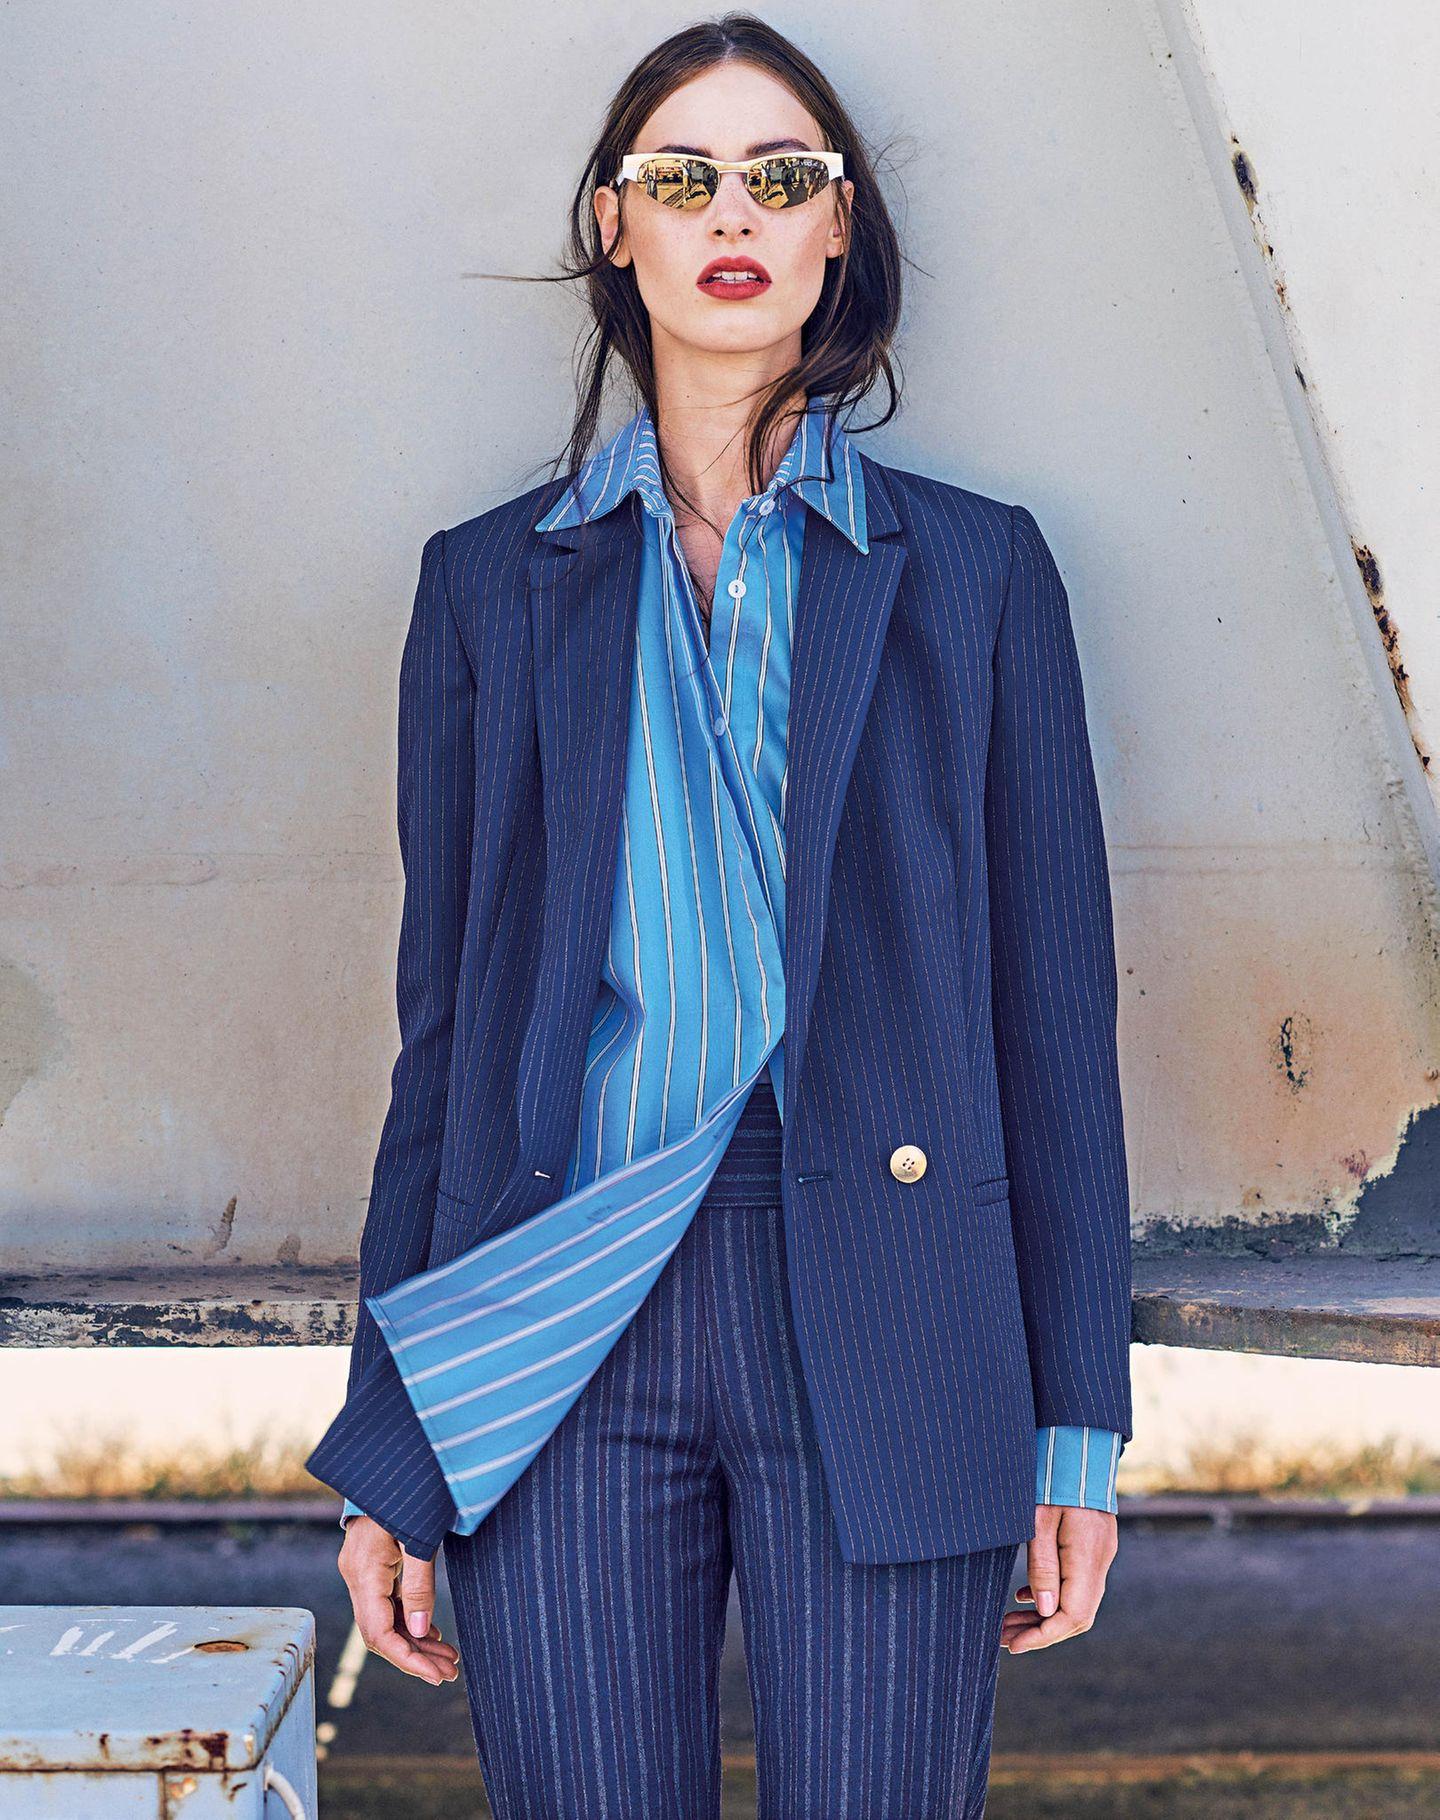 Unser Styling - Tipp: In einer Farbwelt bleiben, für noch mehr Abwechslung sorgt die Kombination verschiedener Muster.  Doppelreiher mit Goldknöpfen: Esprit, ca. 100 Euro. Lässiges Hemd: Reserved, ca. 40 Euro. Längs gestreifte Wollhose: Benetton, ca. 70 Euro. Sonnenbrille: Gigi Hadid for Vogue Eyewear.